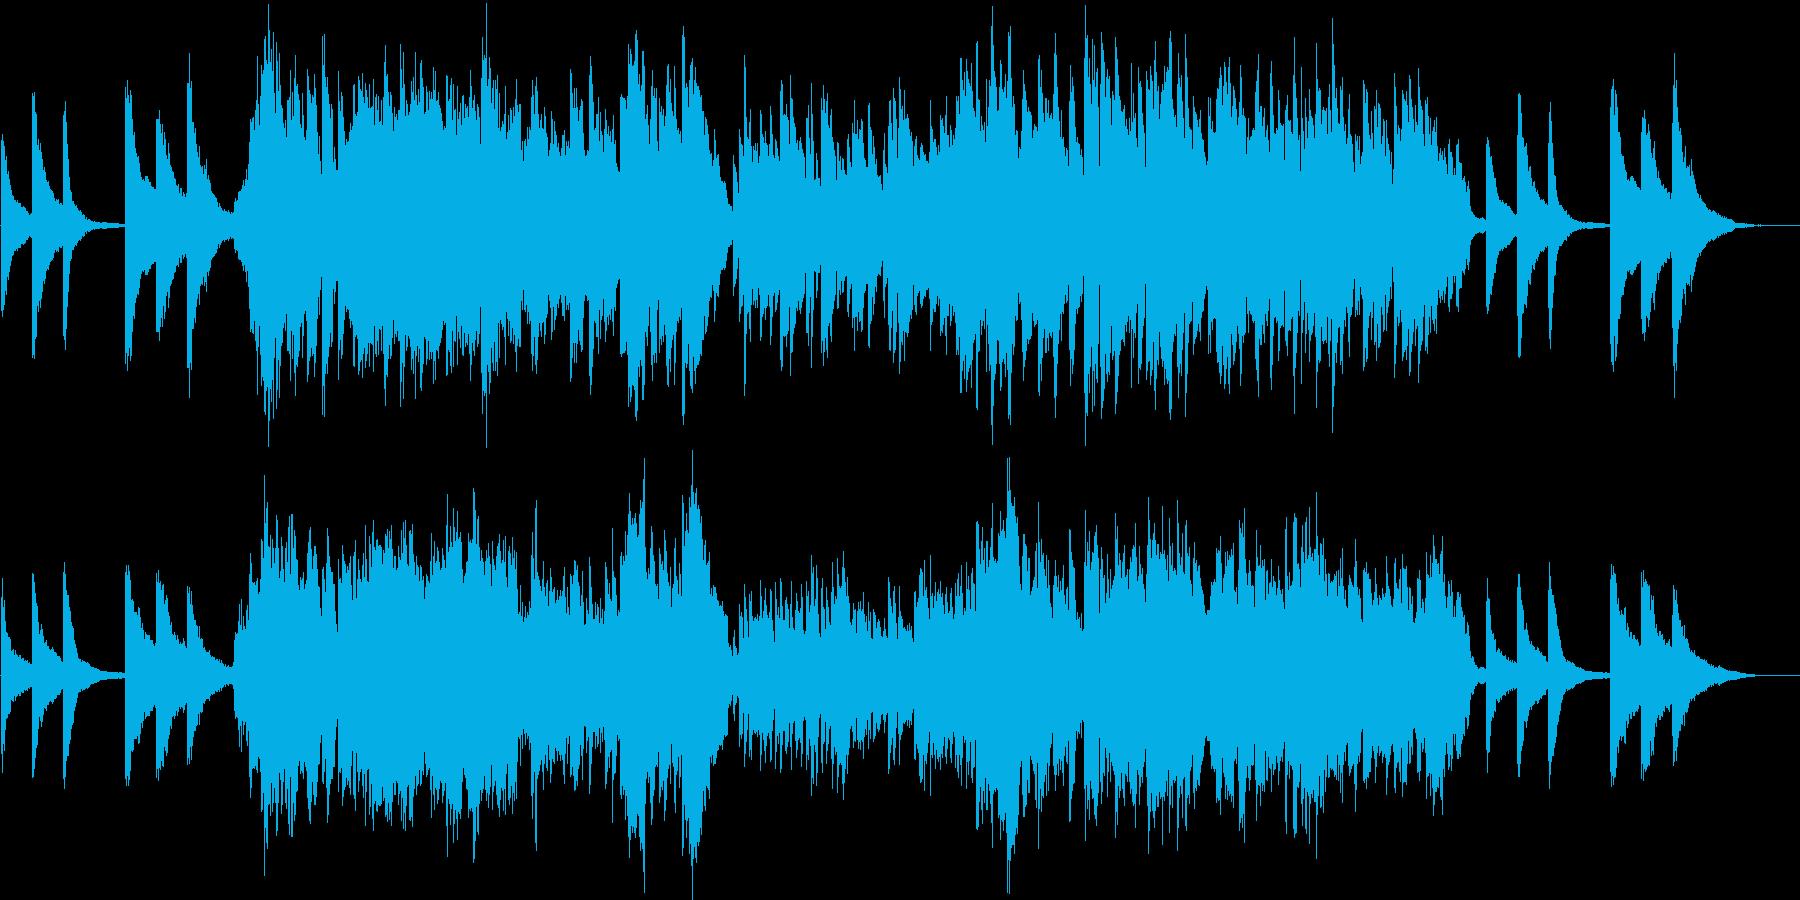 静かで切ないチェロとピアノの二重奏の再生済みの波形